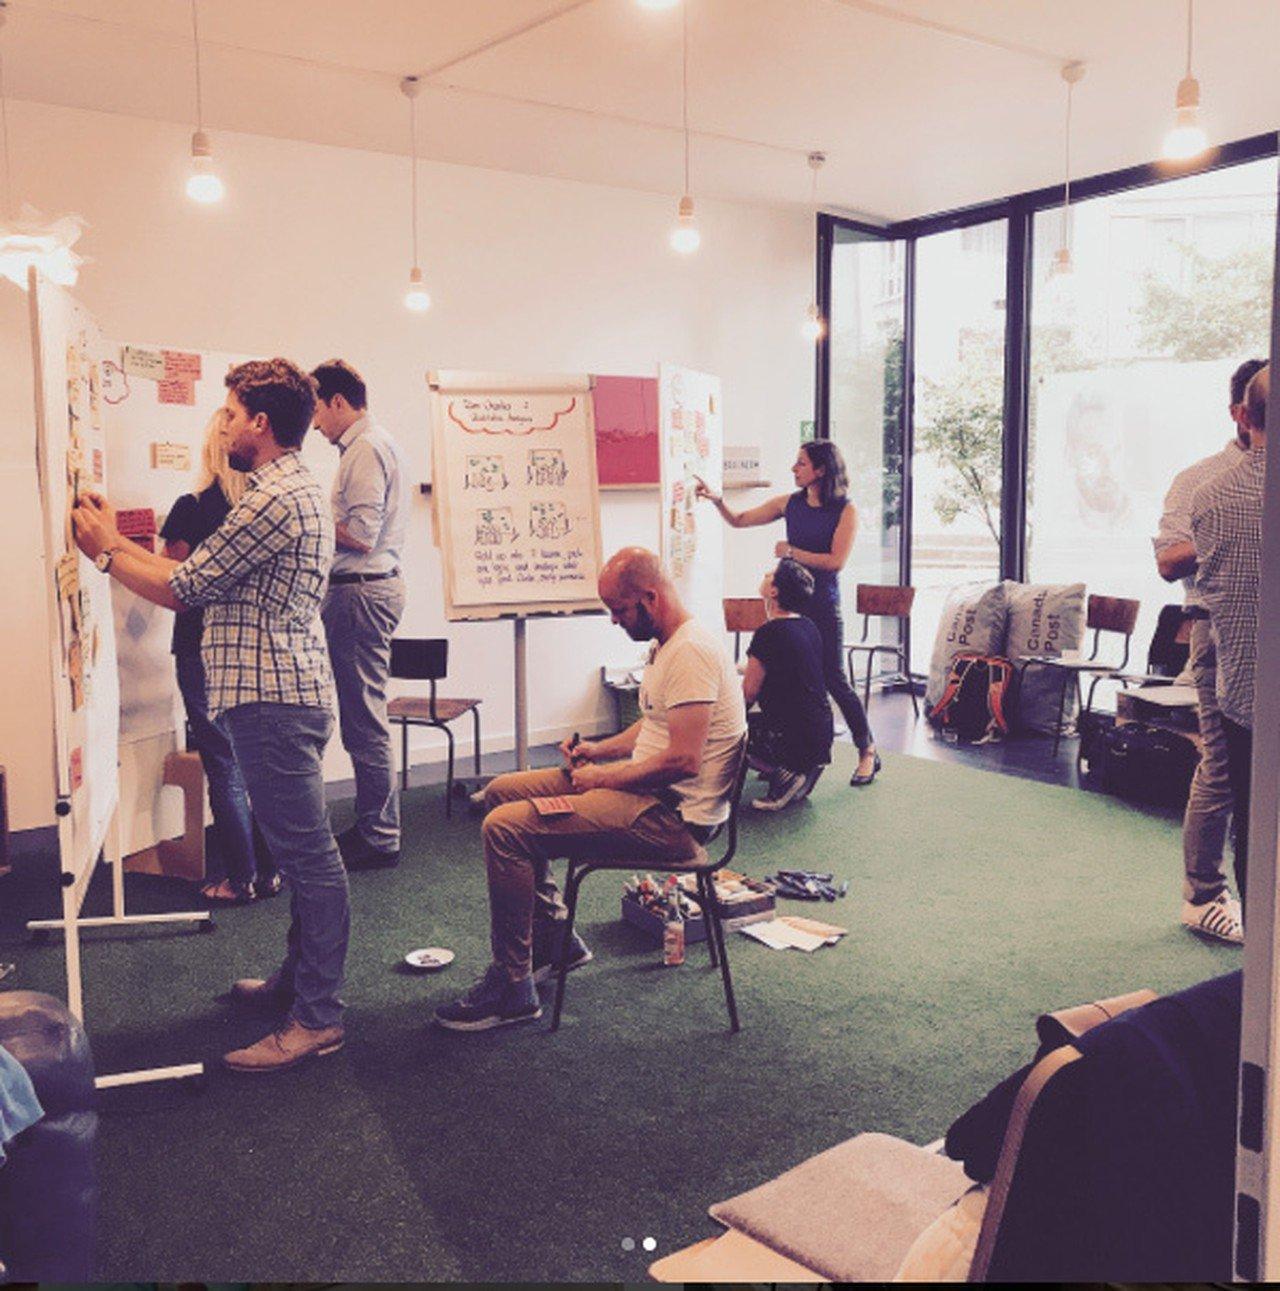 Hamburg workshop spaces Meeting room Brainery image 0